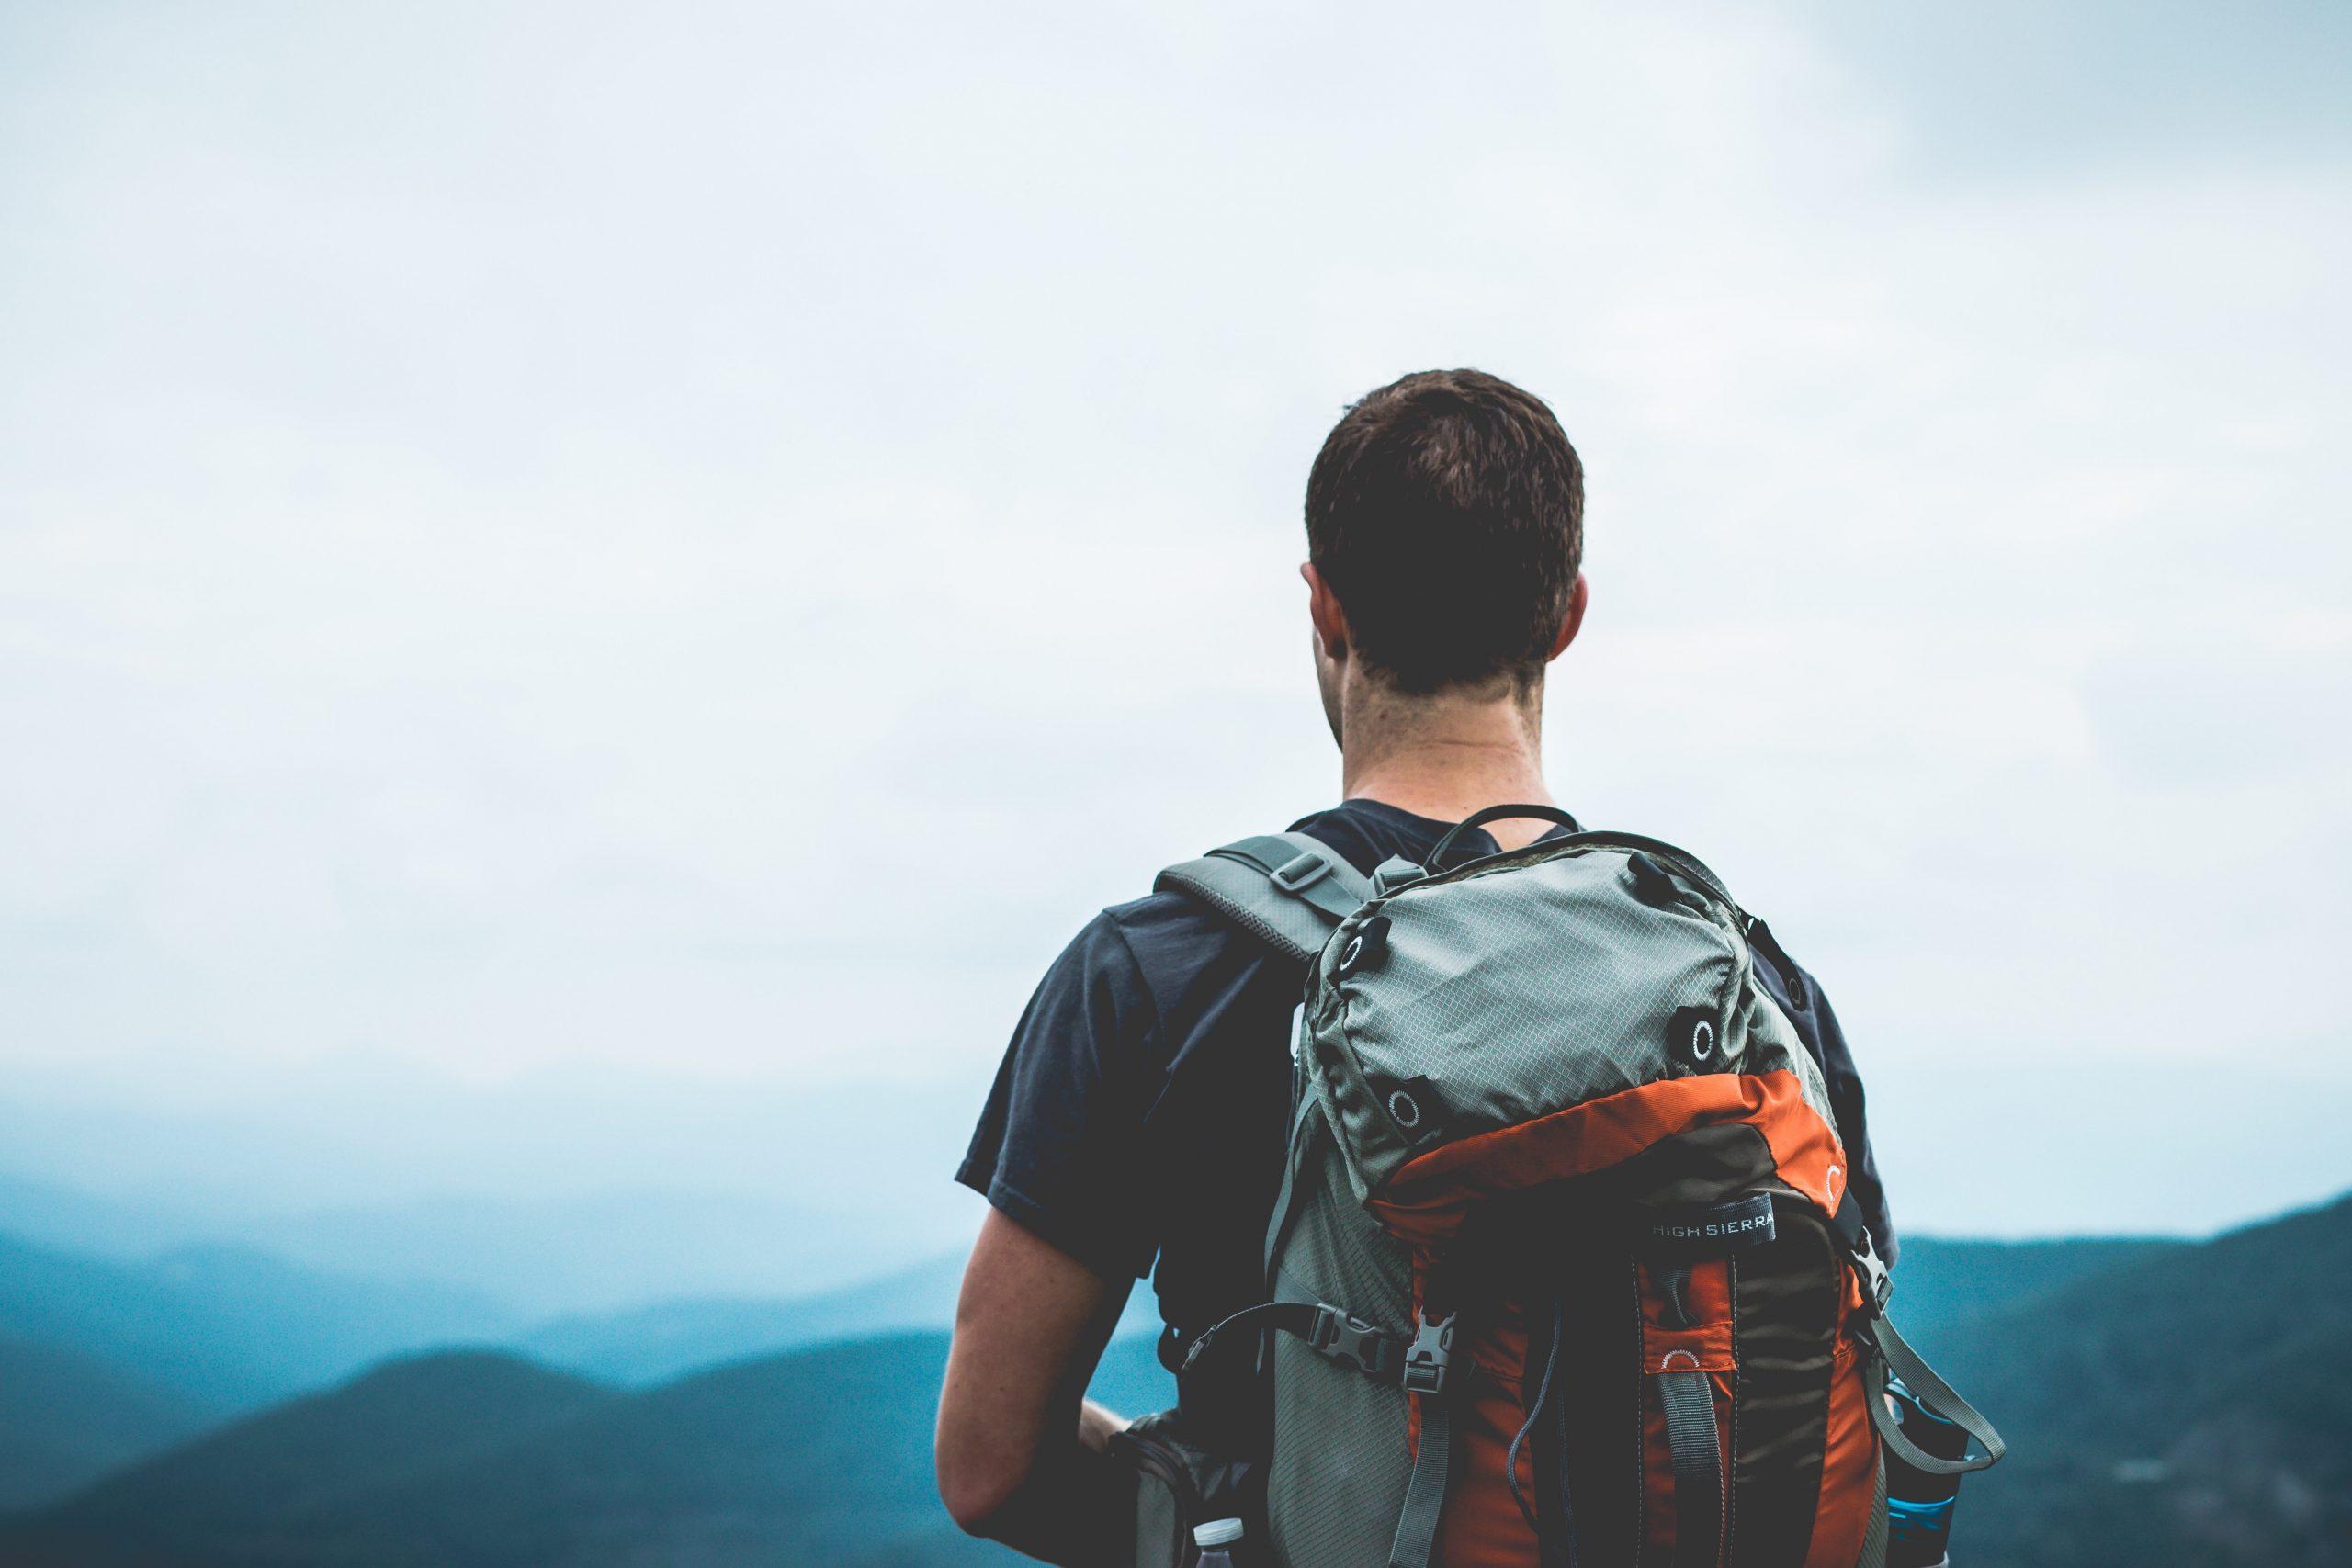 Imagem mostra um homem, de costas para a câmera, usando um mochila da Oakley, enquanto olha, de um ponto alto, o relevo montanhoso da paisagem.